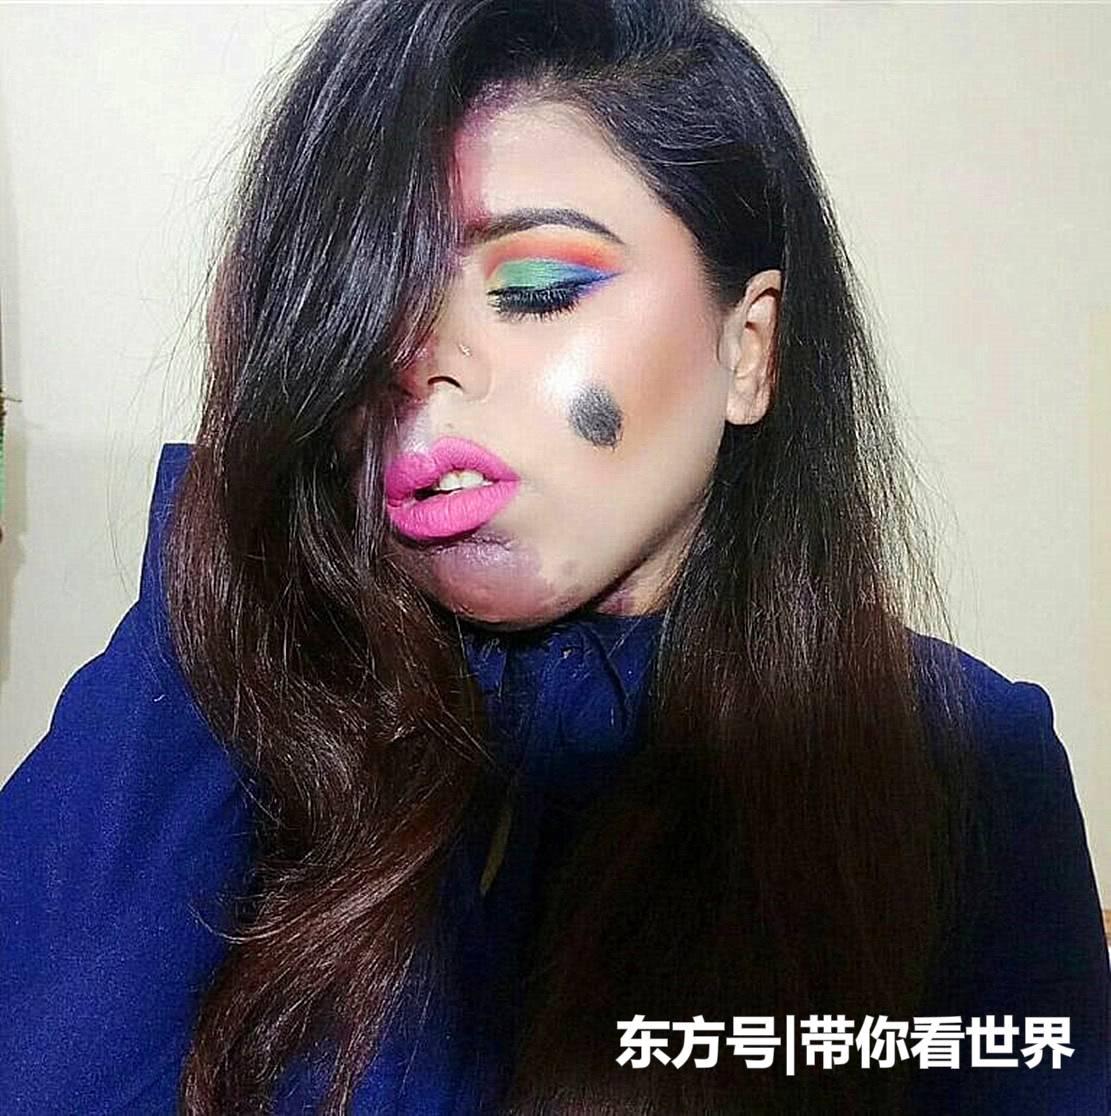 """国外女子患罕见""""变色胎记""""备受歧视,今用高超化妆术重获自信"""